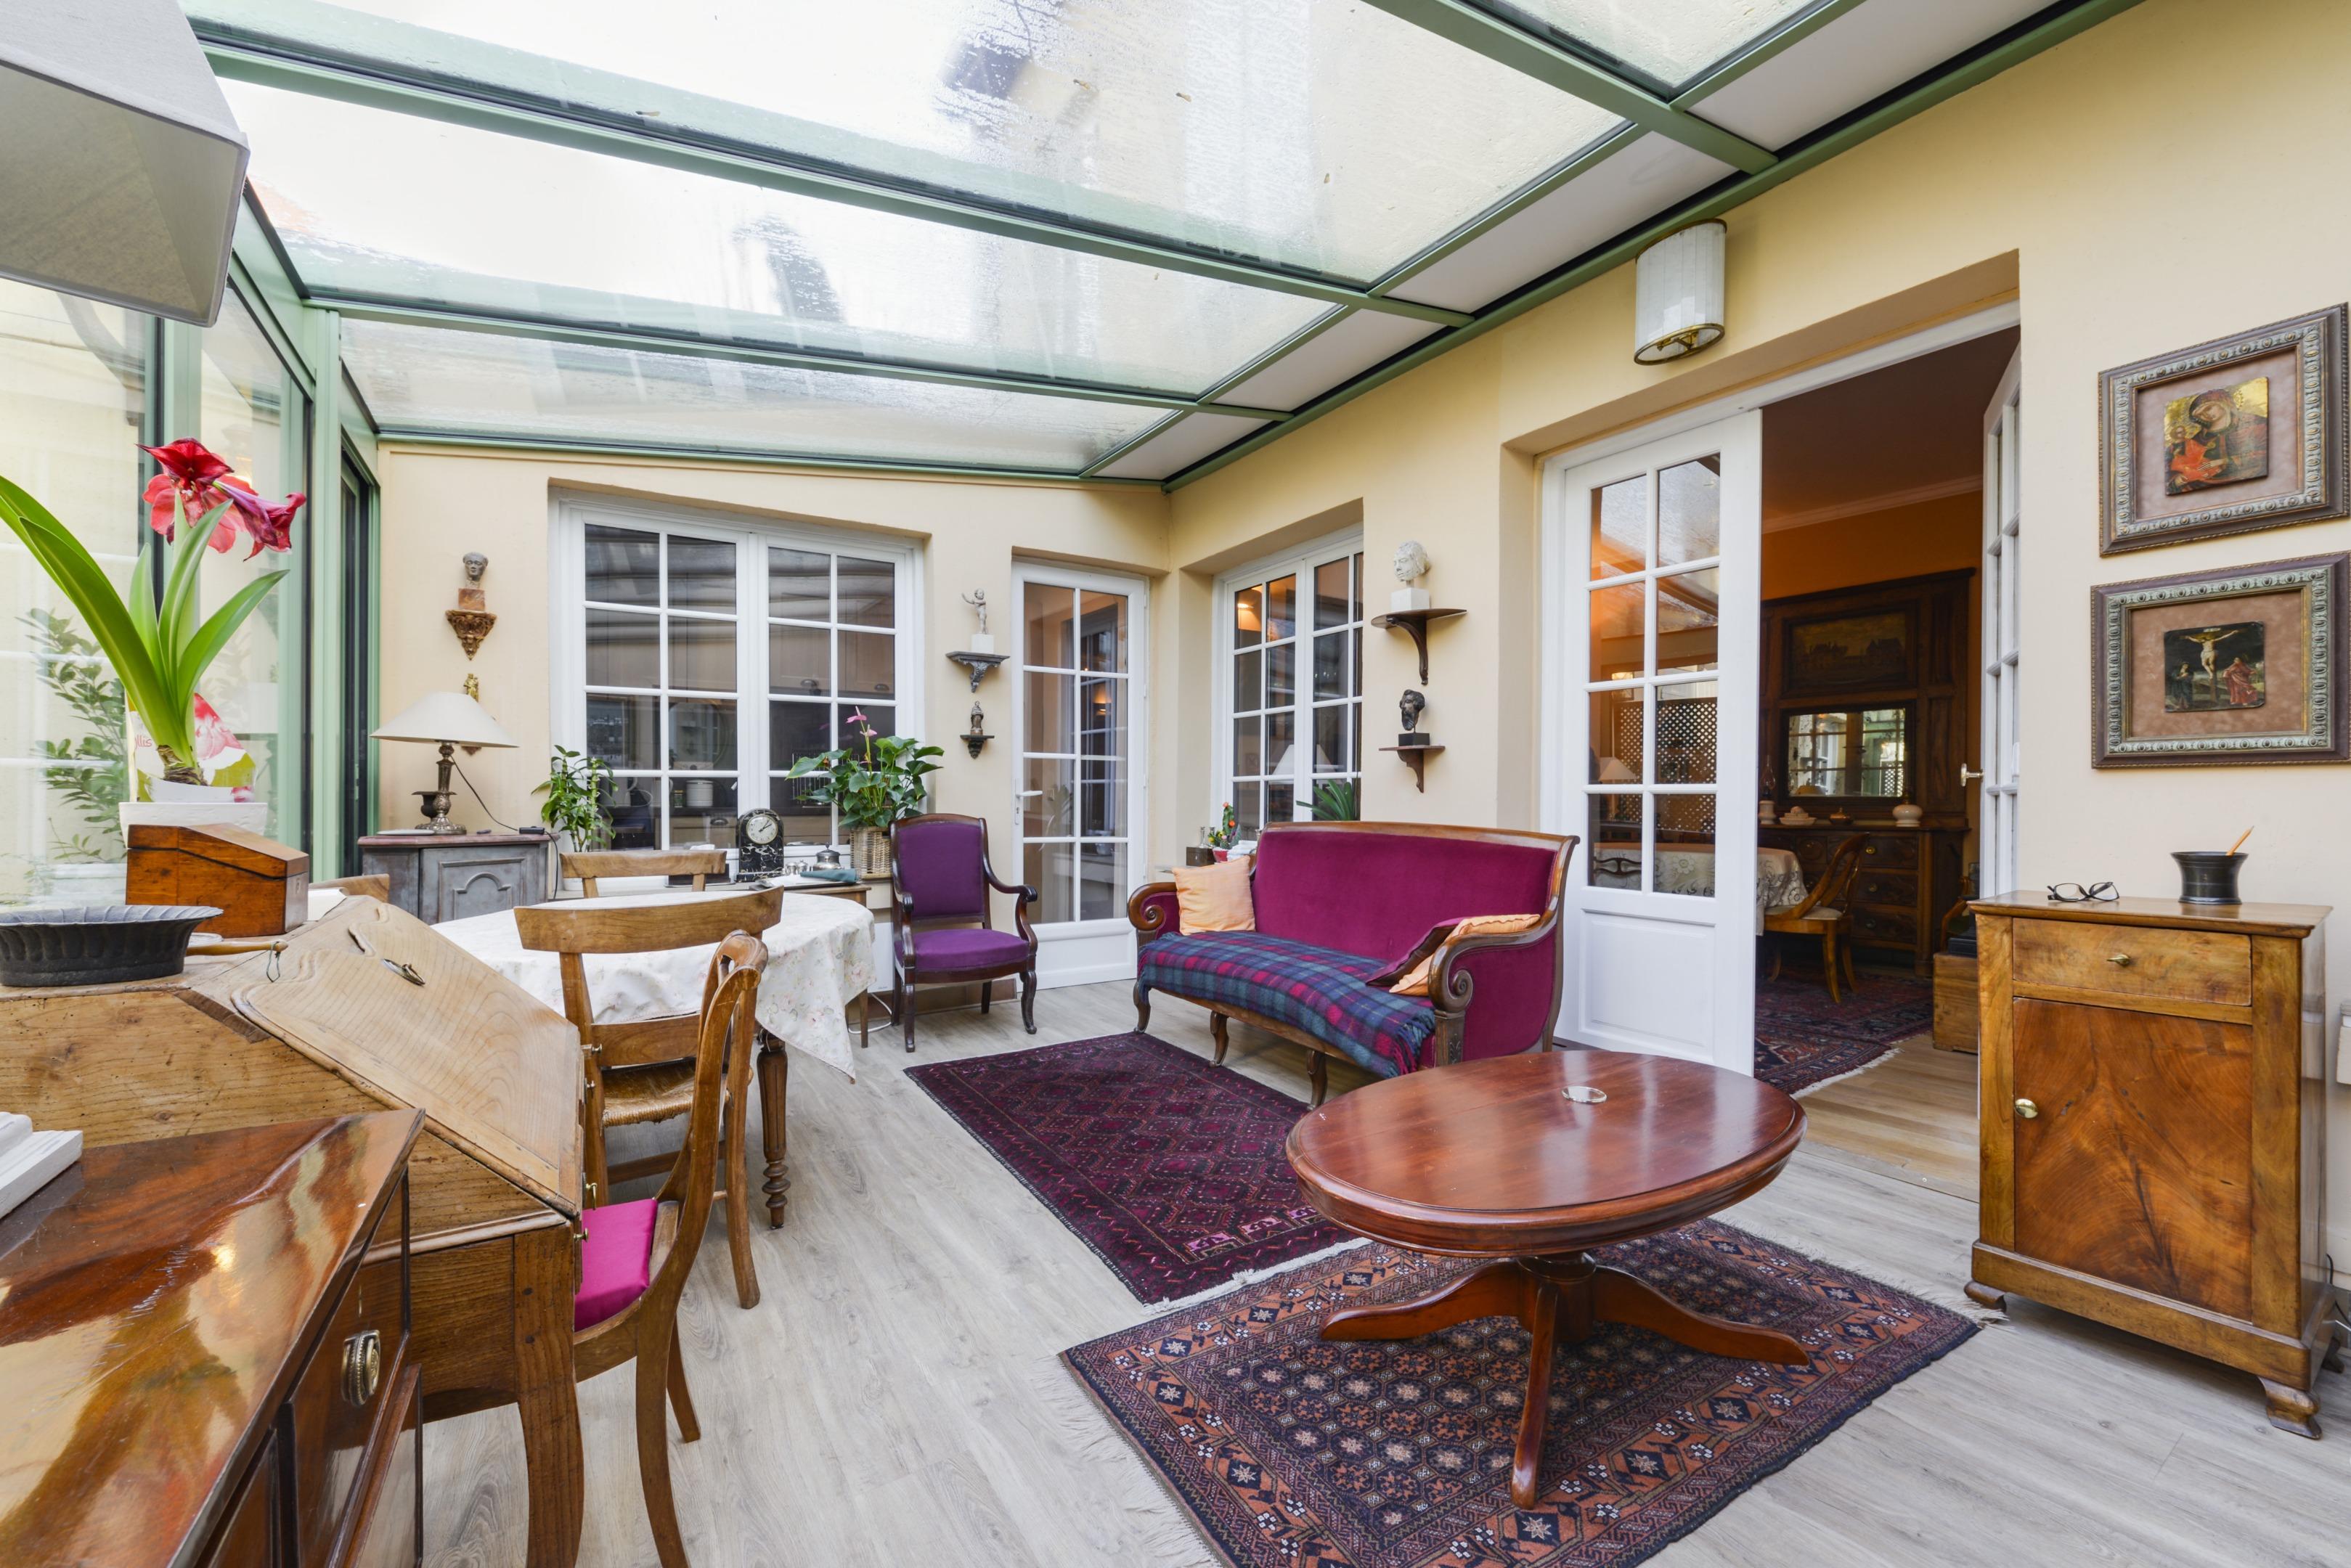 Vente maison de 4 5 p avec jardin 112 m parking cave - Recherche maison a louer avec jardin ...